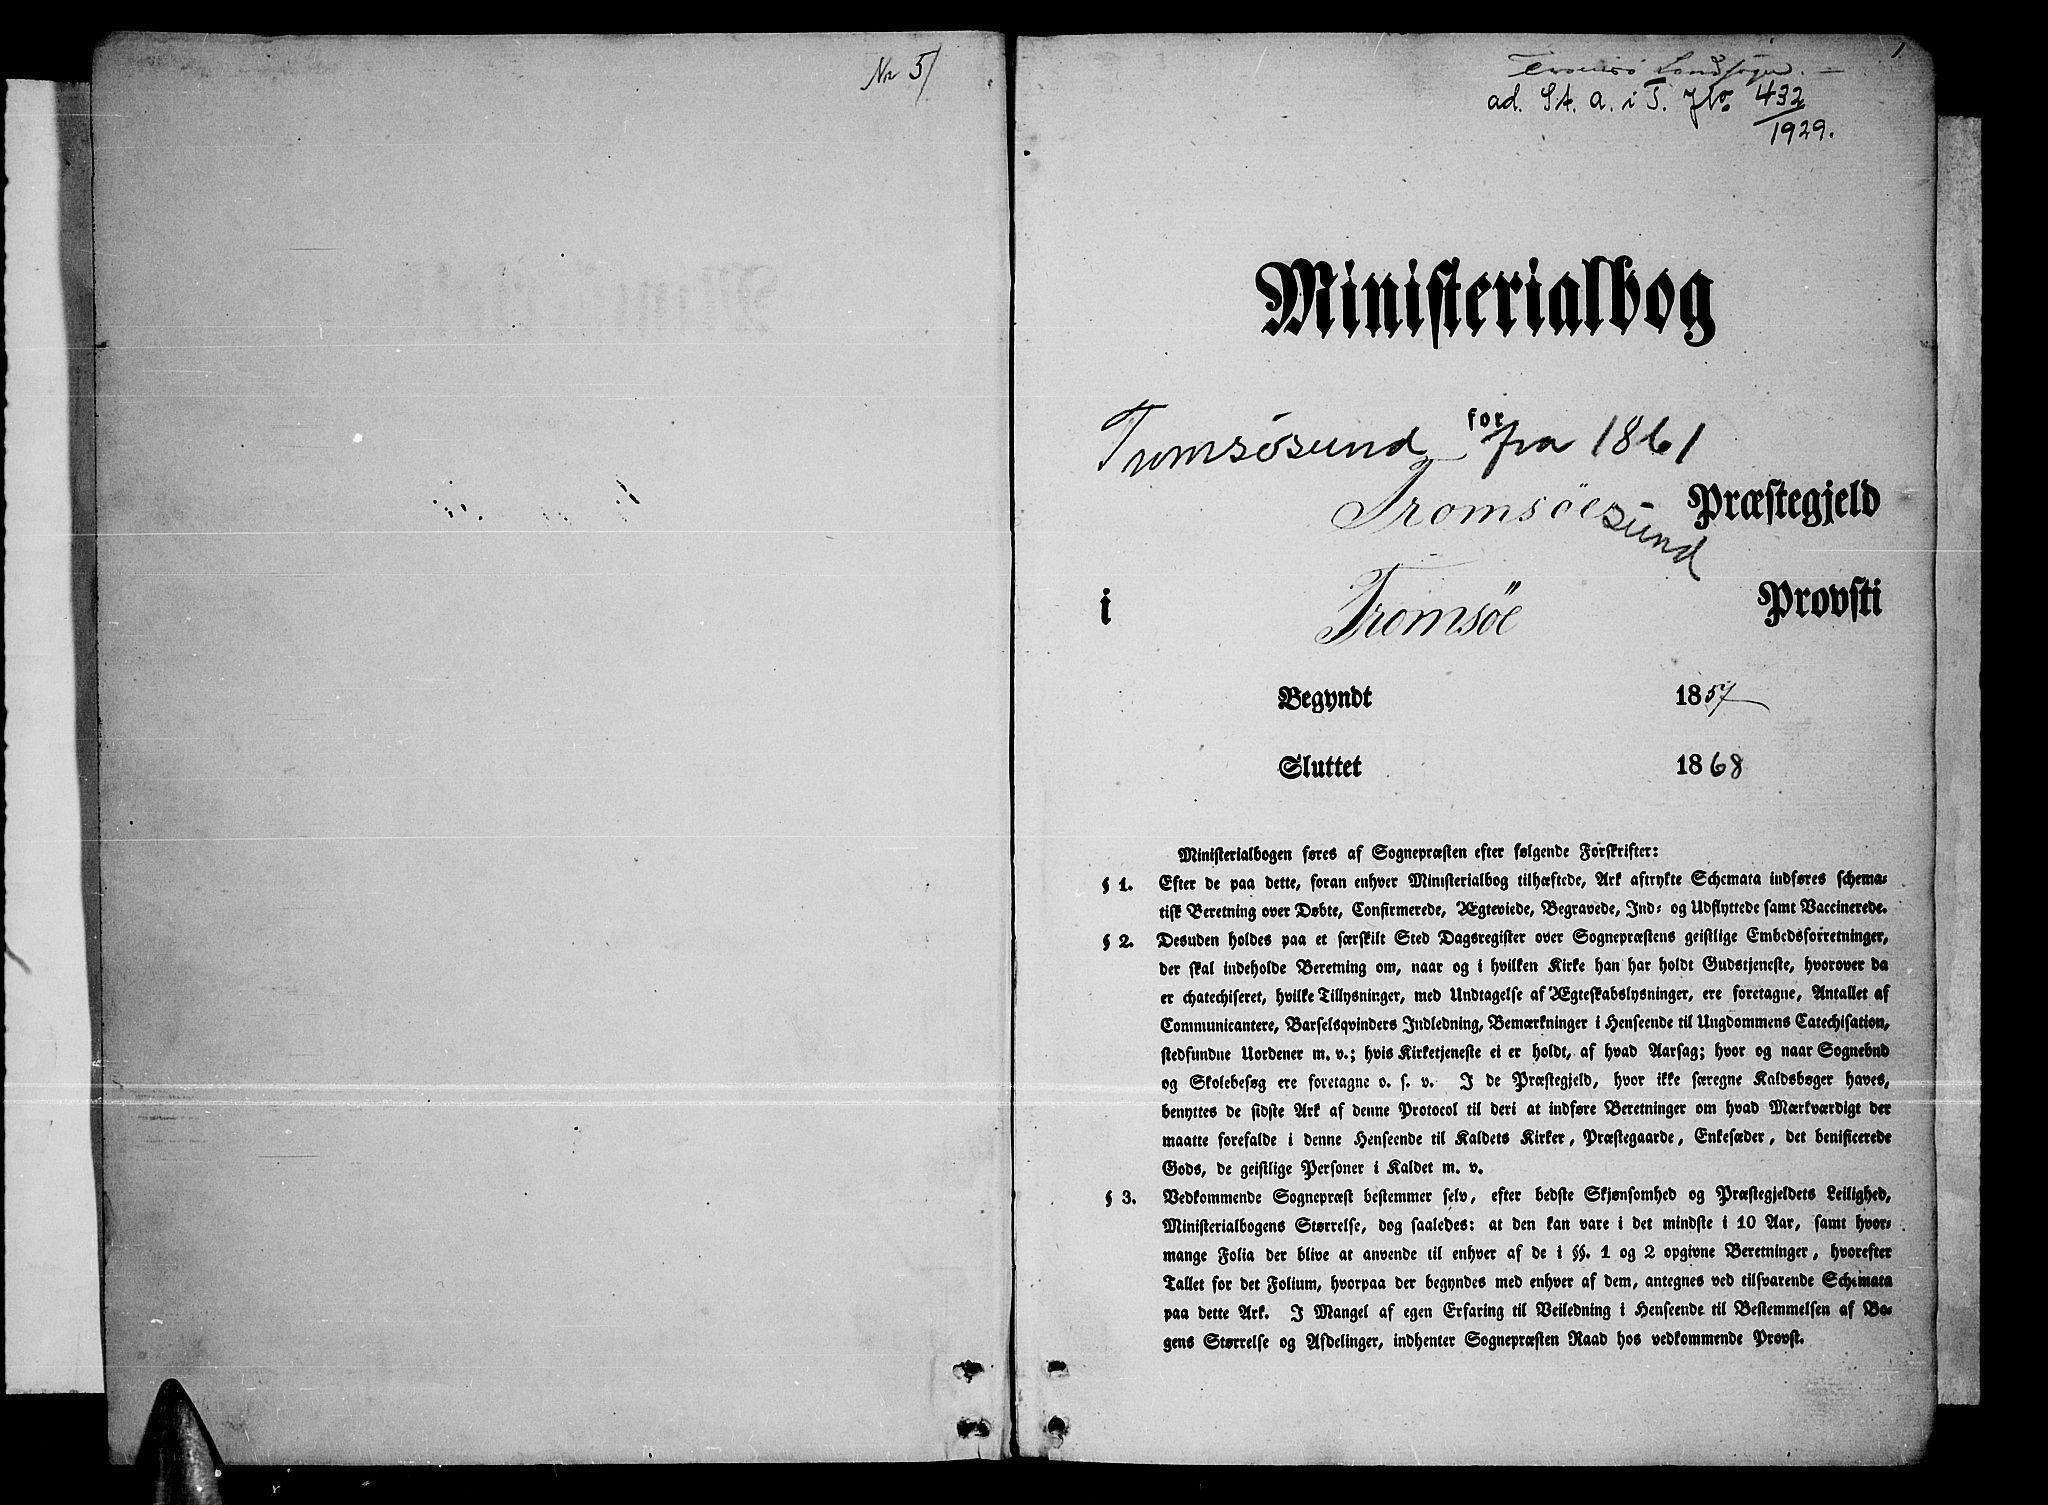 SATØ, Tromsøysund sokneprestkontor, G/Gb/L0001klokker: Klokkerbok nr. 1, 1857-1869, s. 1